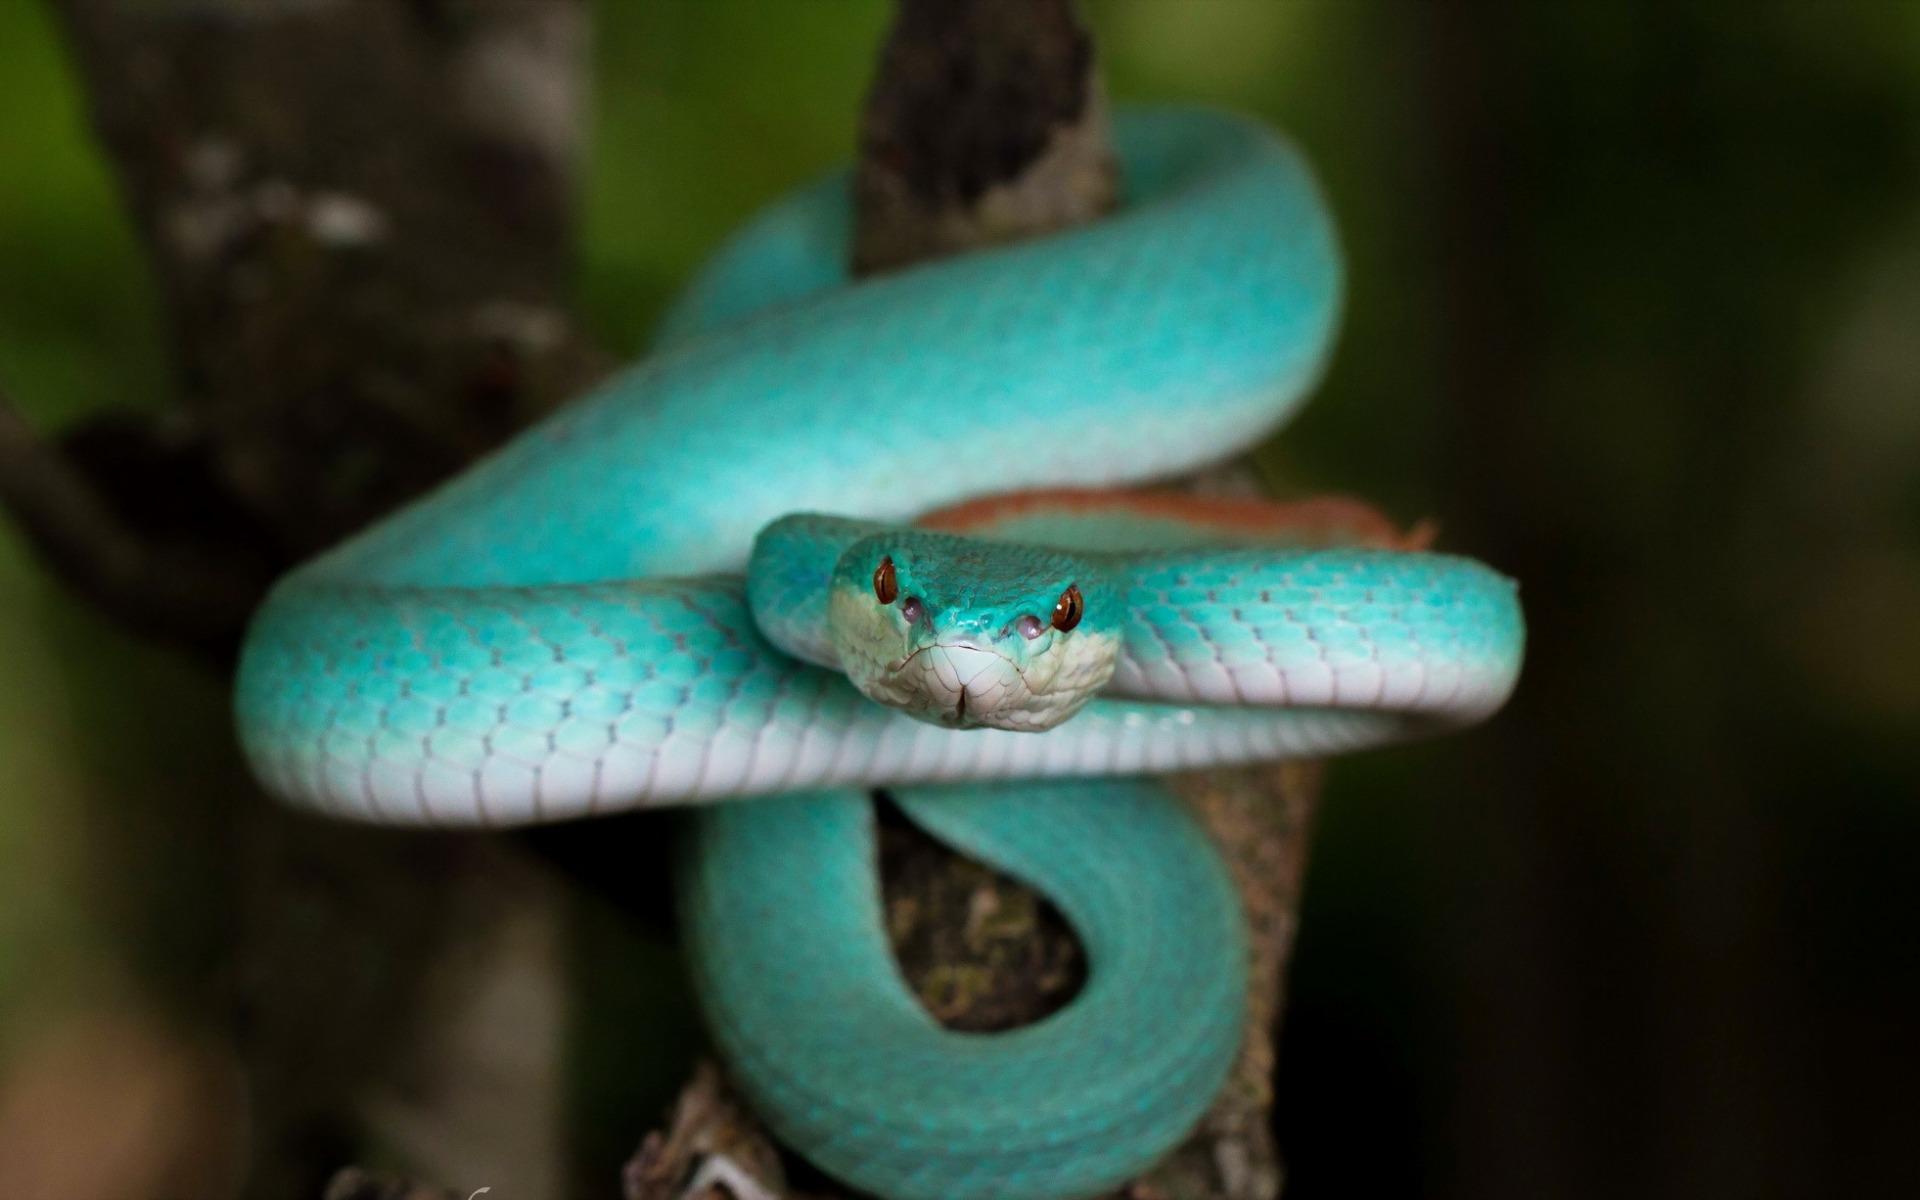 Trimeresurus Albolabris Insularis Blue Pit Viper Hd обои